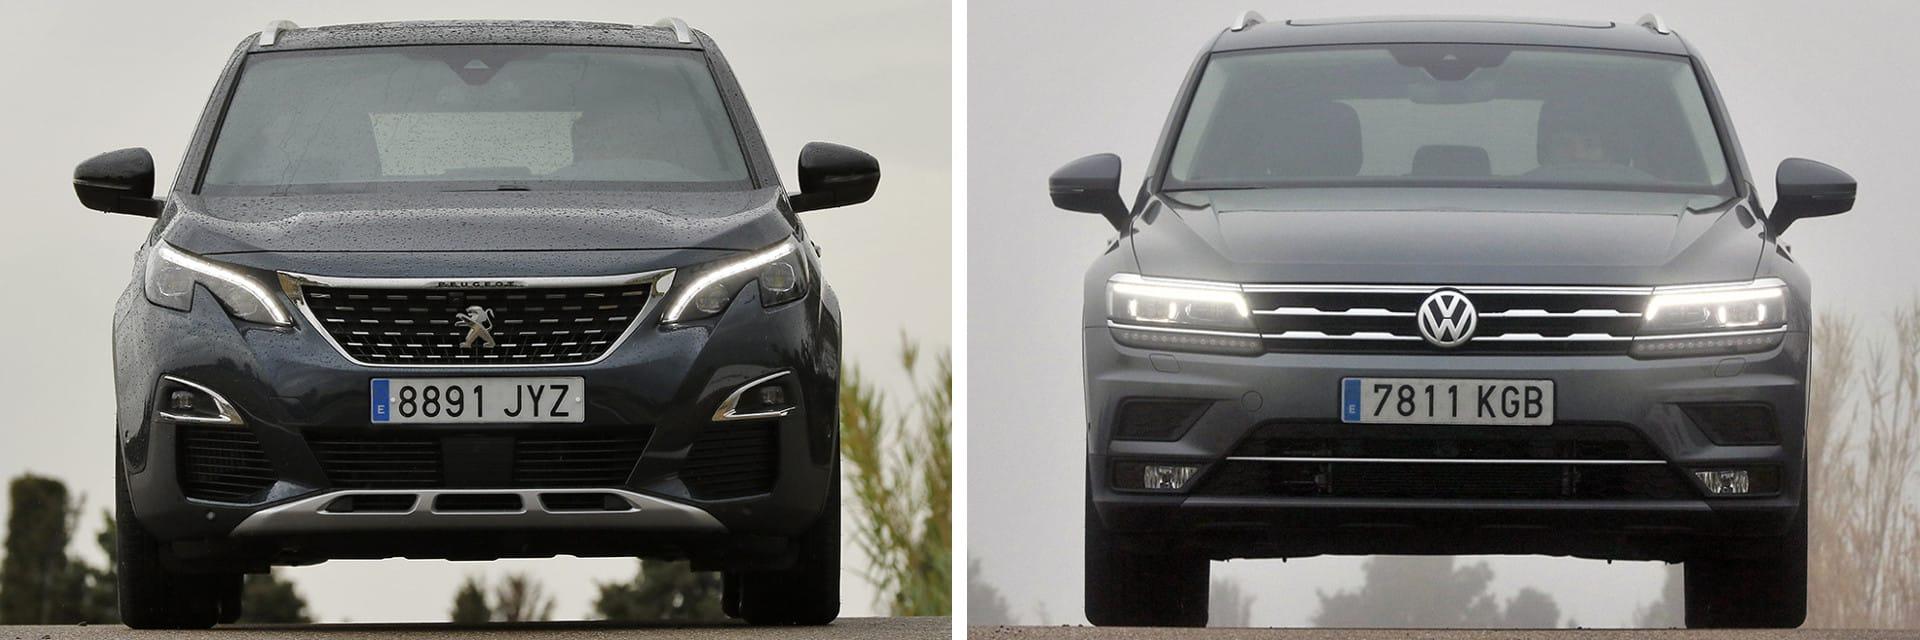 La distancia libre al suelo con la que cuenta el Peugeot (izq.) es de 236 mm, mientras que la del Volkswagen (dcha.) es de 201 mm.